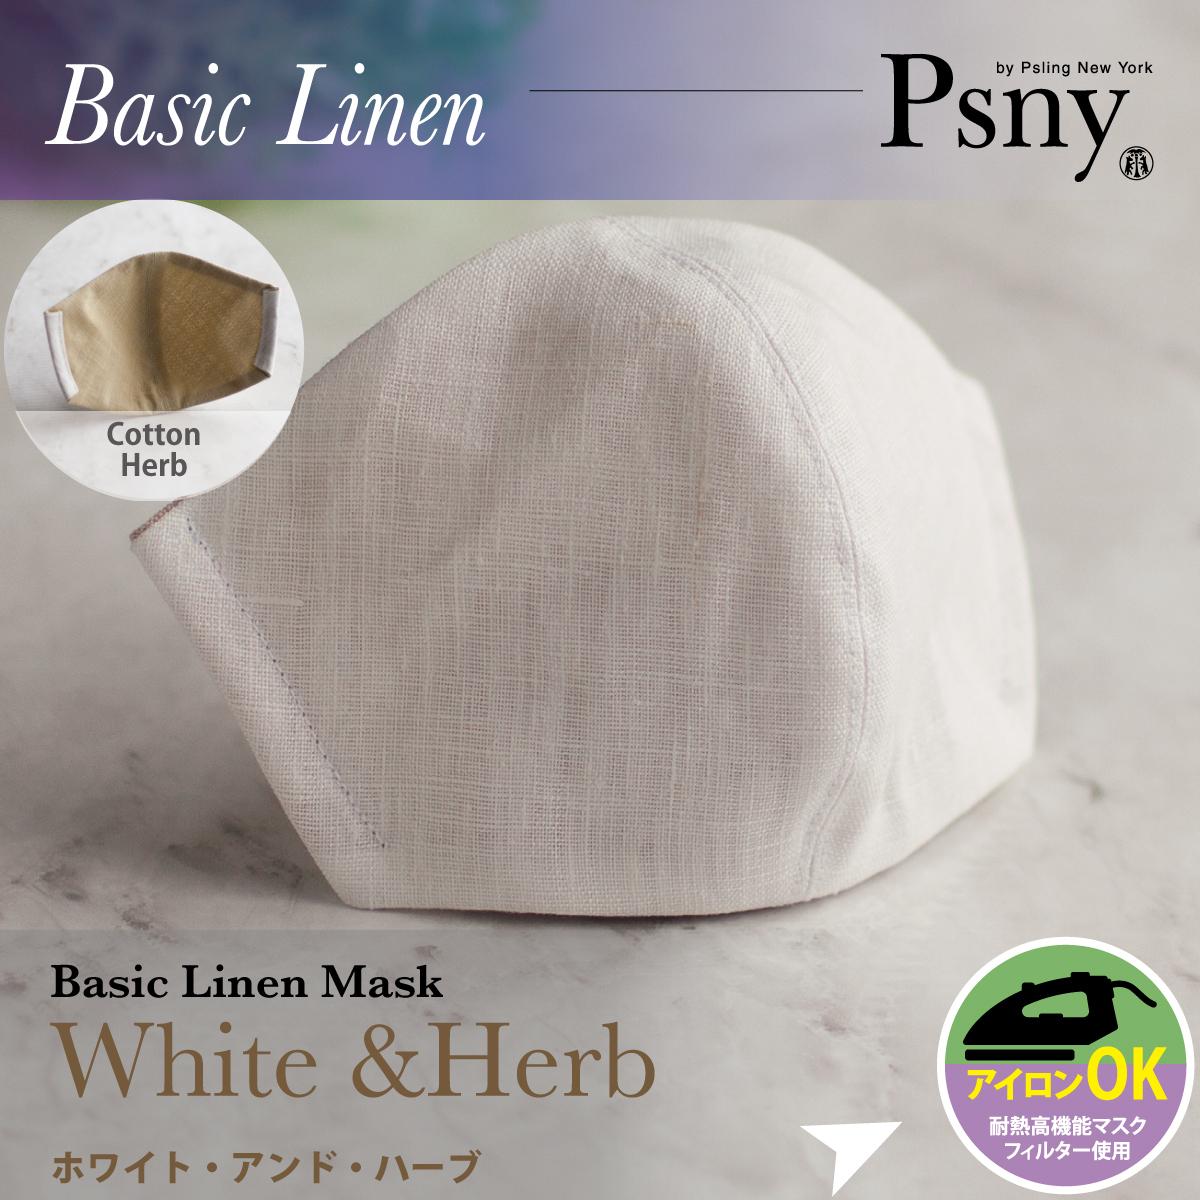 PSNY ベーシックリネン・ホワイト&ハーブ 花粉 黄砂 洗える不織布フィルター入り 立体 大人用 マスク 送料無料 BL4